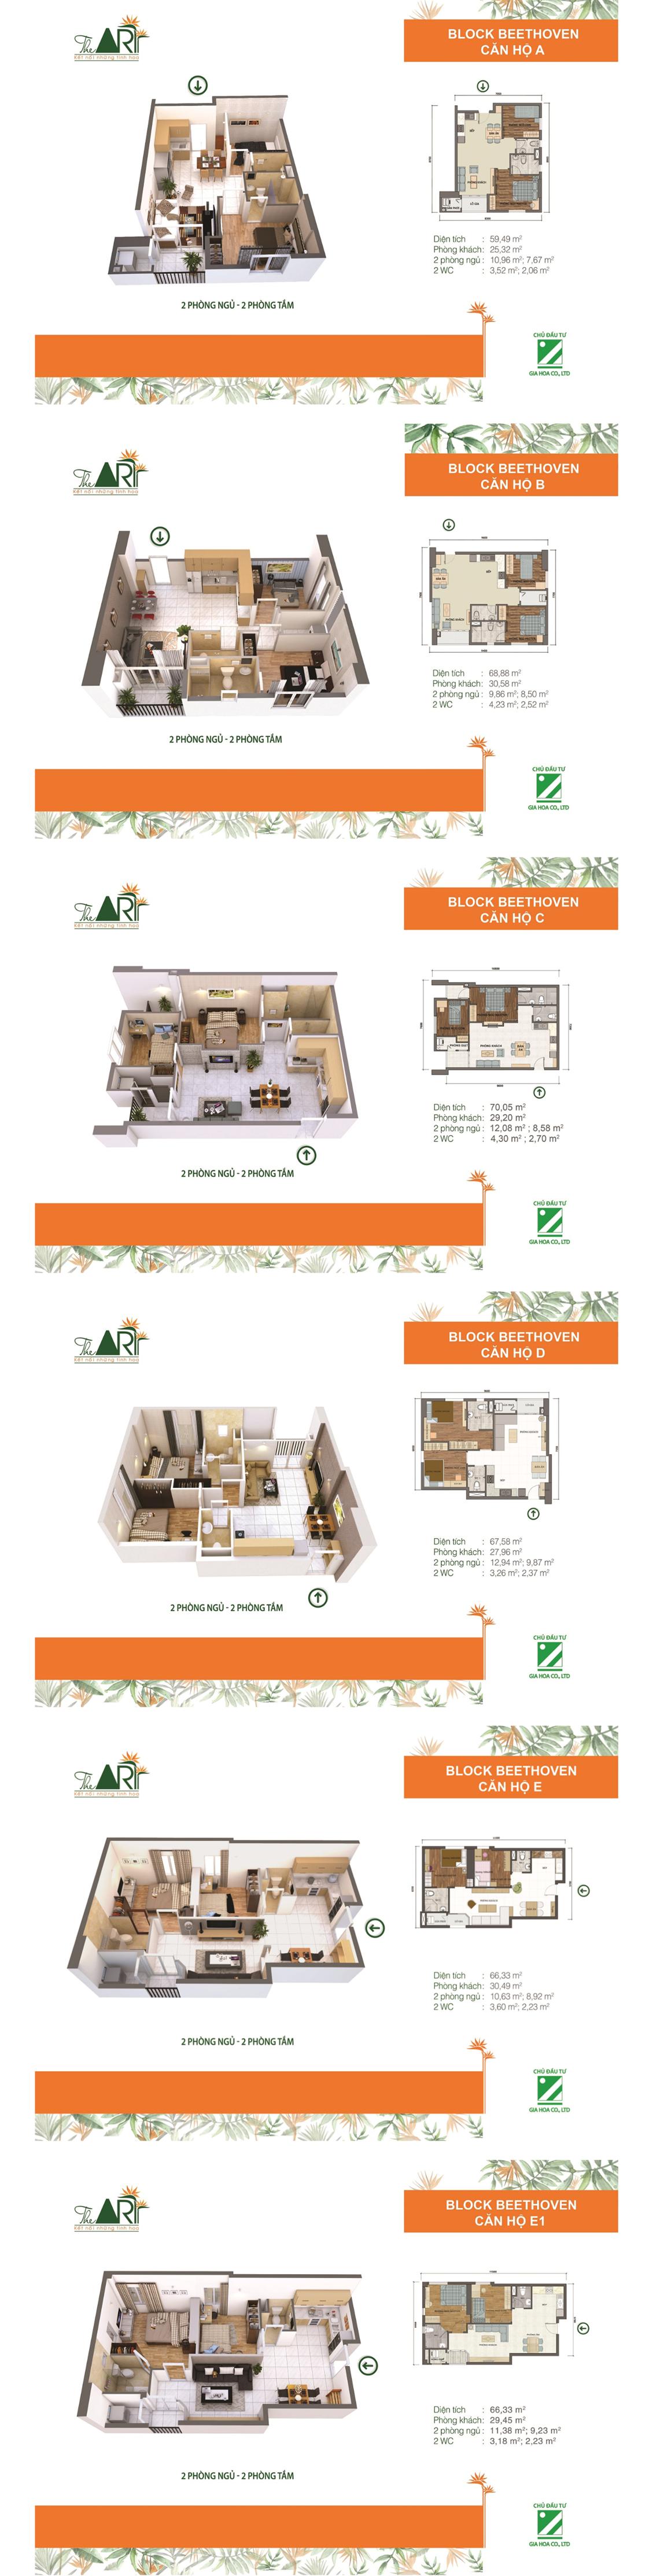 Thiết kế căn hộ dự án THE ART